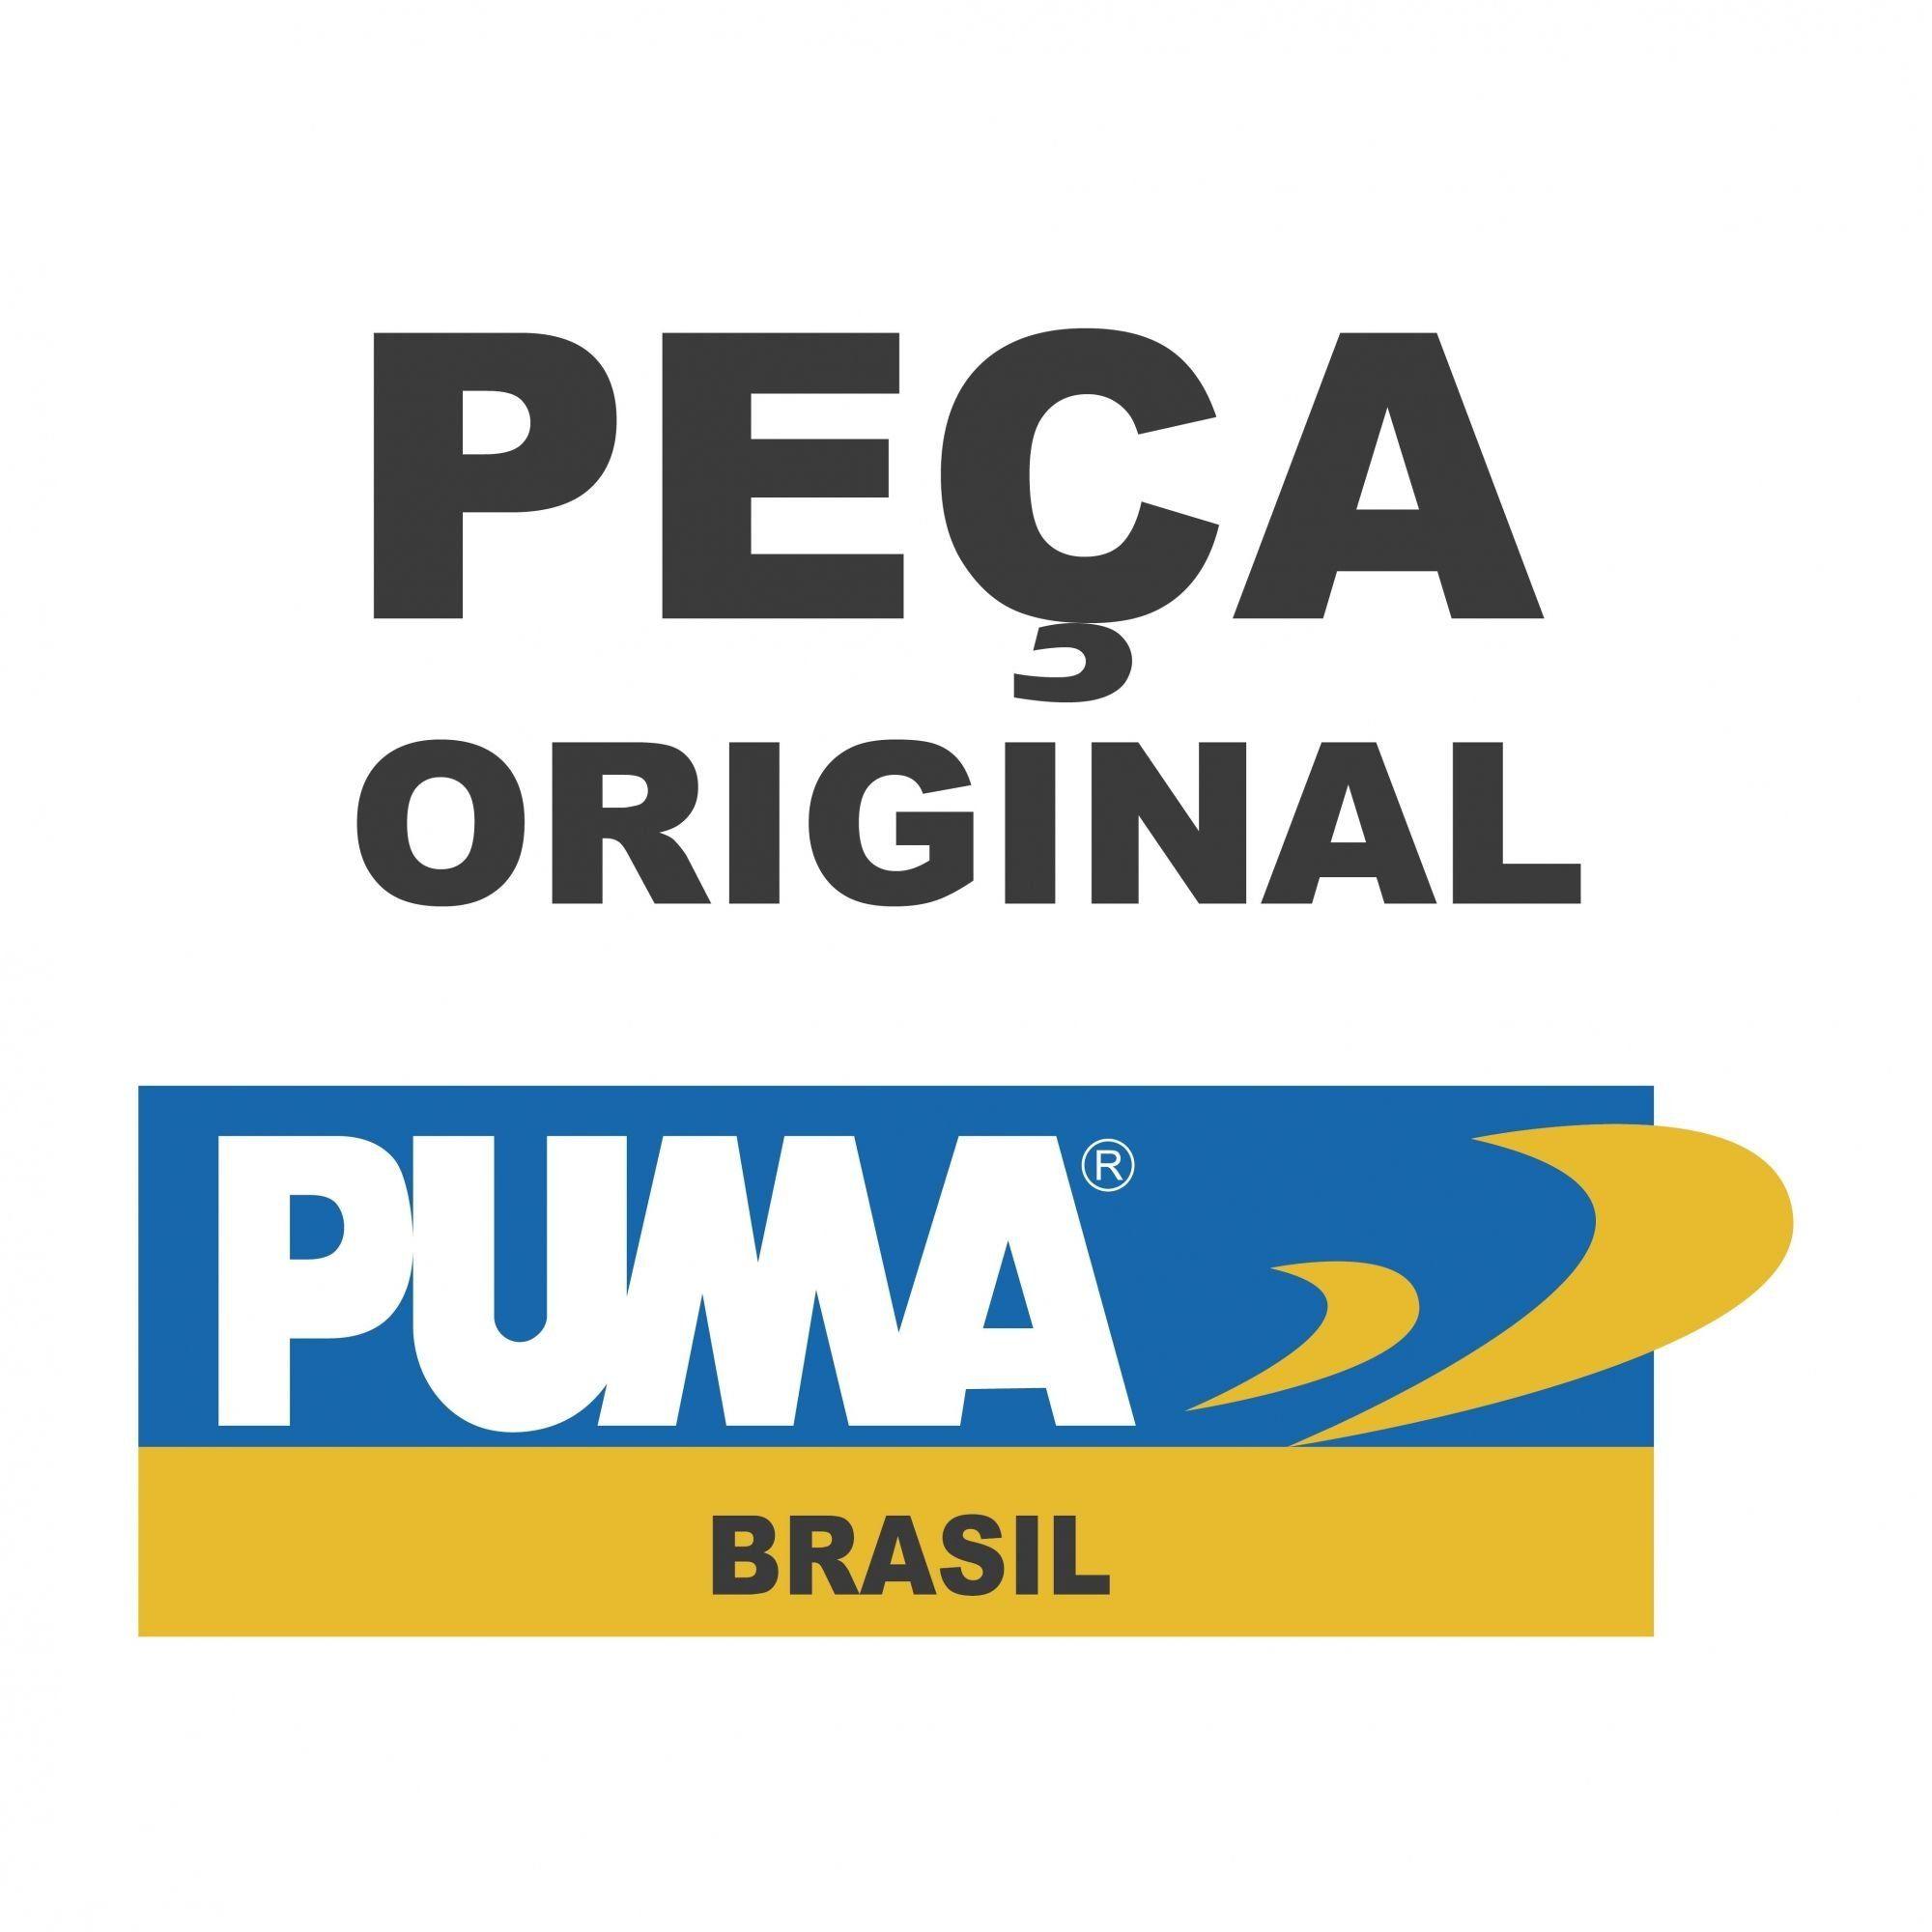 AGULHA DO FLUIDO 1.8 - PEÇA PNEUMÁTICA PUMA - S1040R-15A